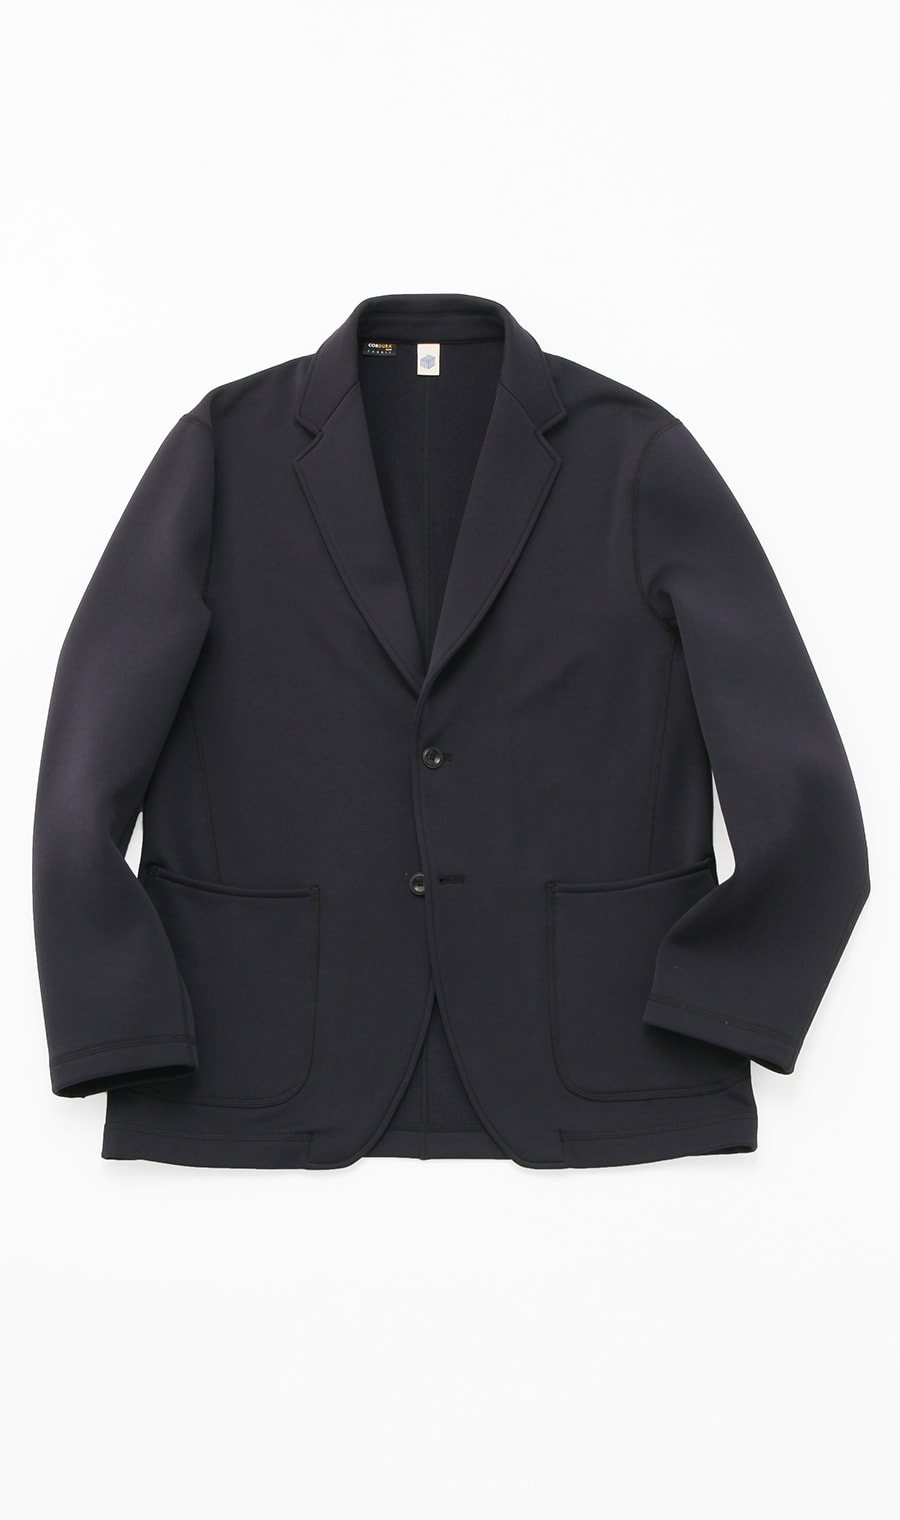 フリースジャケット【CORDURA】【セットアップ】